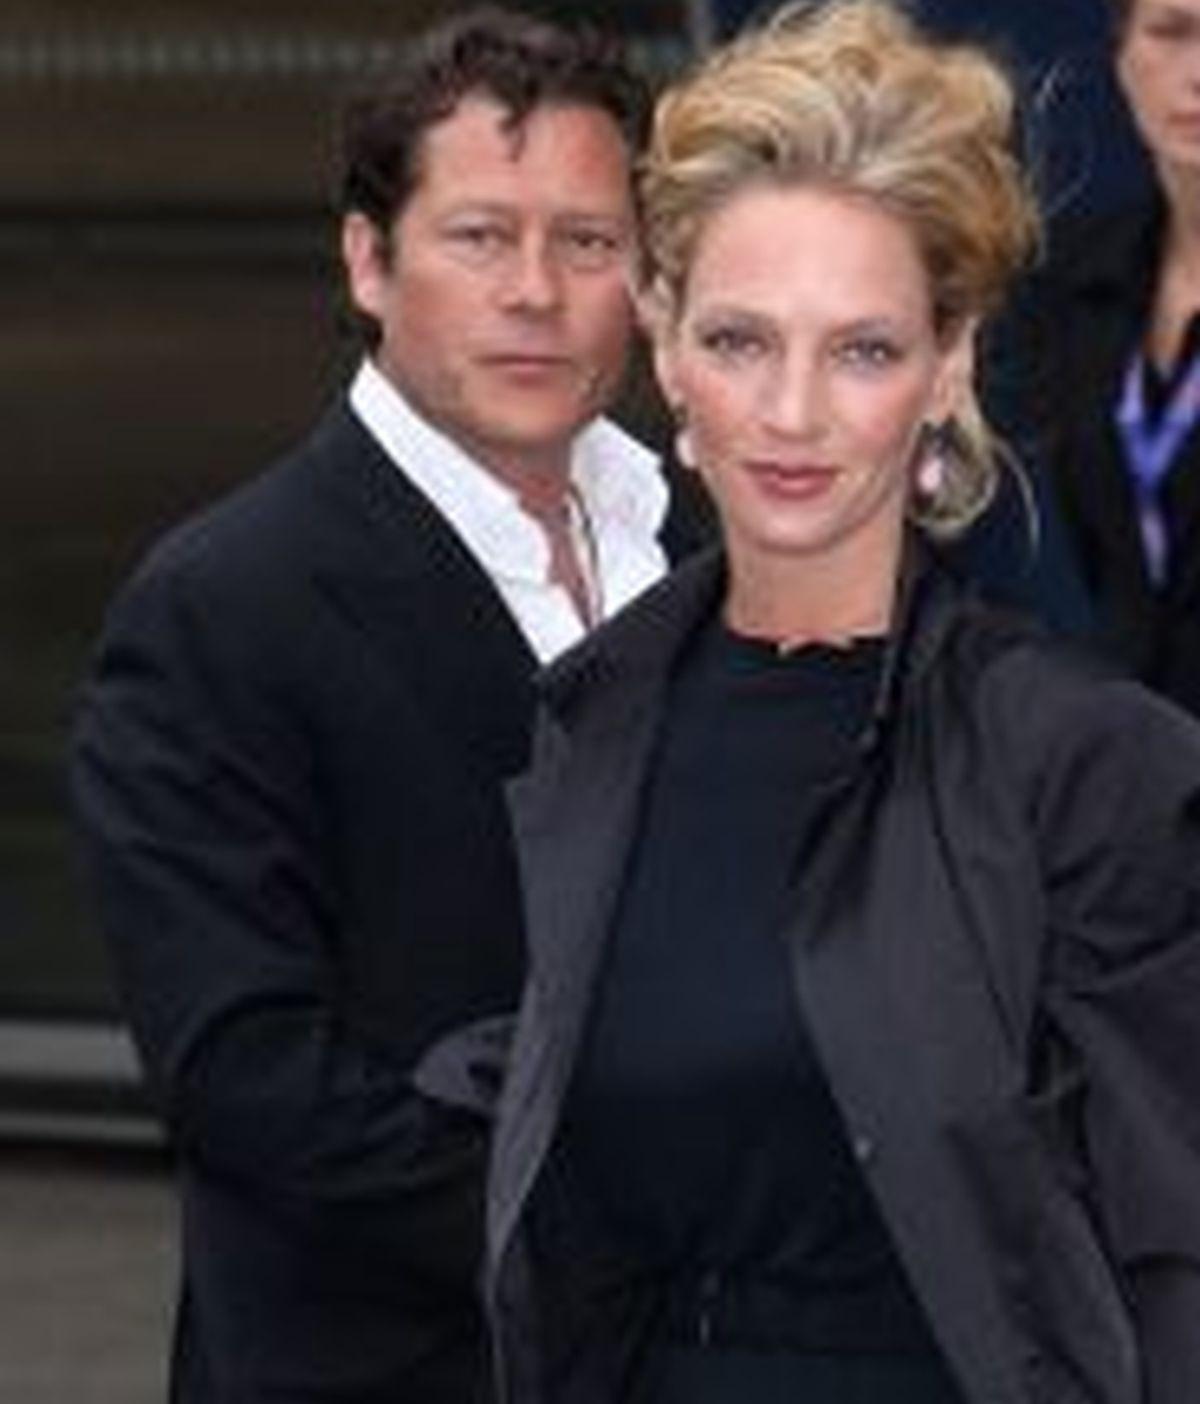 Uma Thurman en el acto benéfico en la terminal Waterloo al que asistió vestida de negro en homenaje a David Carradine.